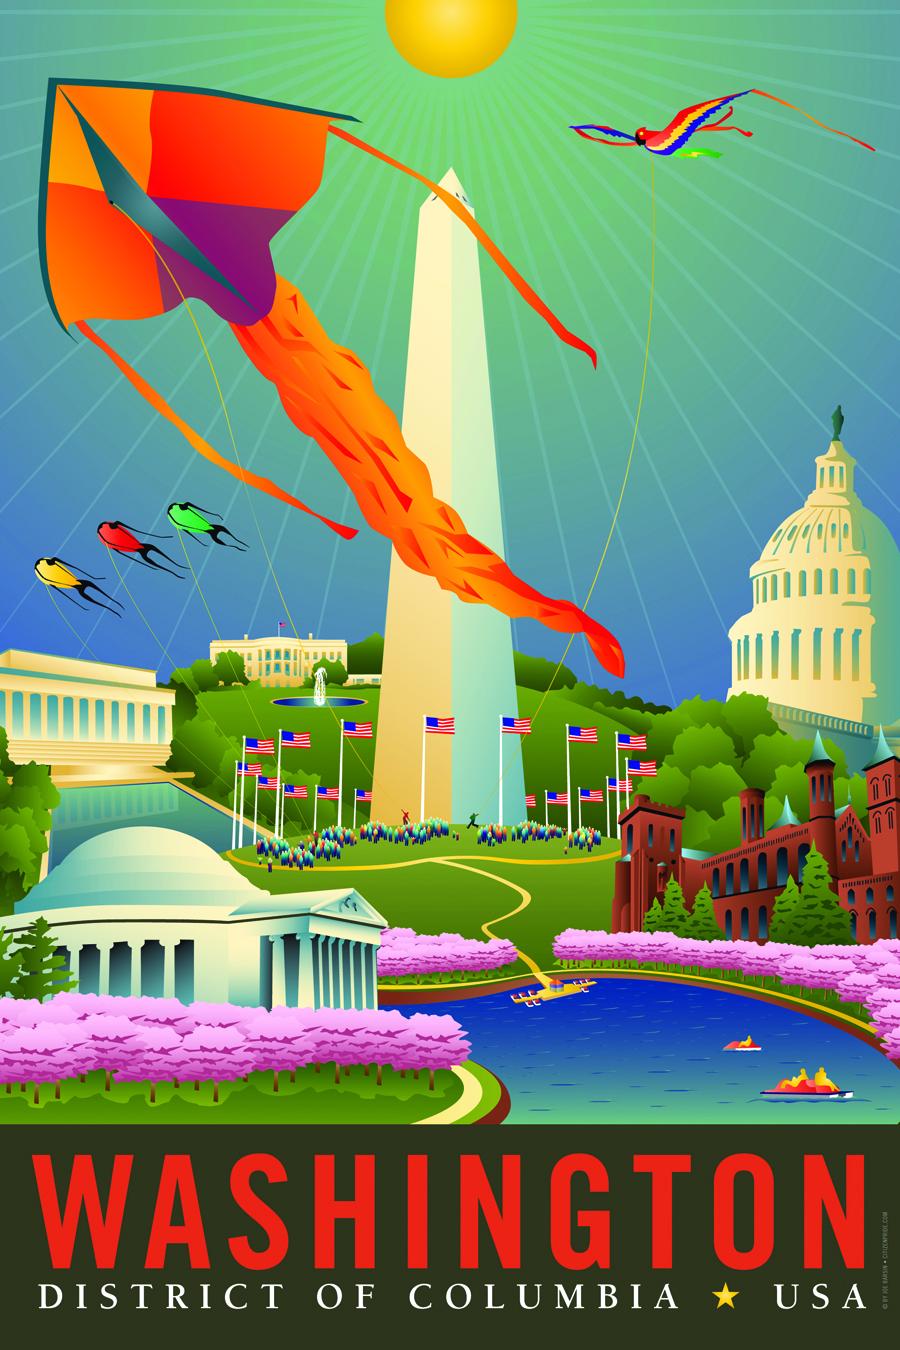 Washington D.C., sm canvas Product #: CP1036 Description: 8x12 canvas art Washington D.C., lg canvas Product #: CP1037 Description: 16x24 canvas art